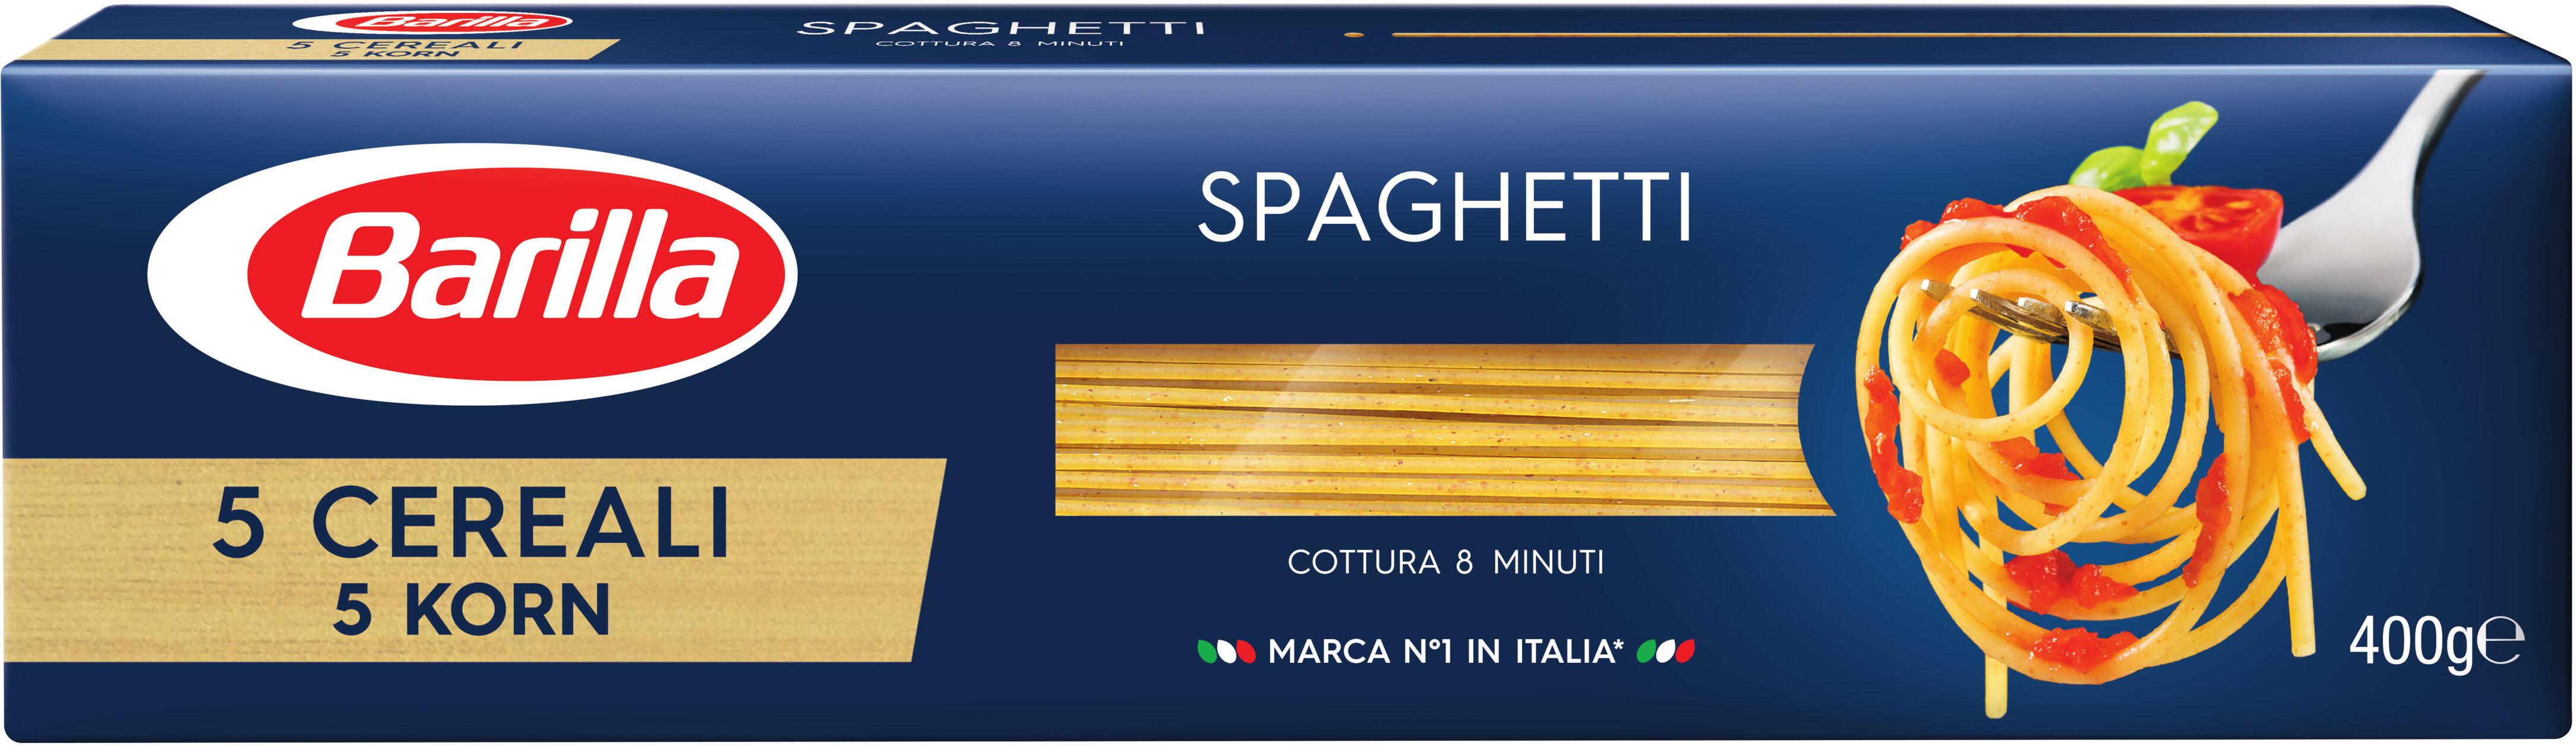 Spaghetti 5 céréales - Produit - fr